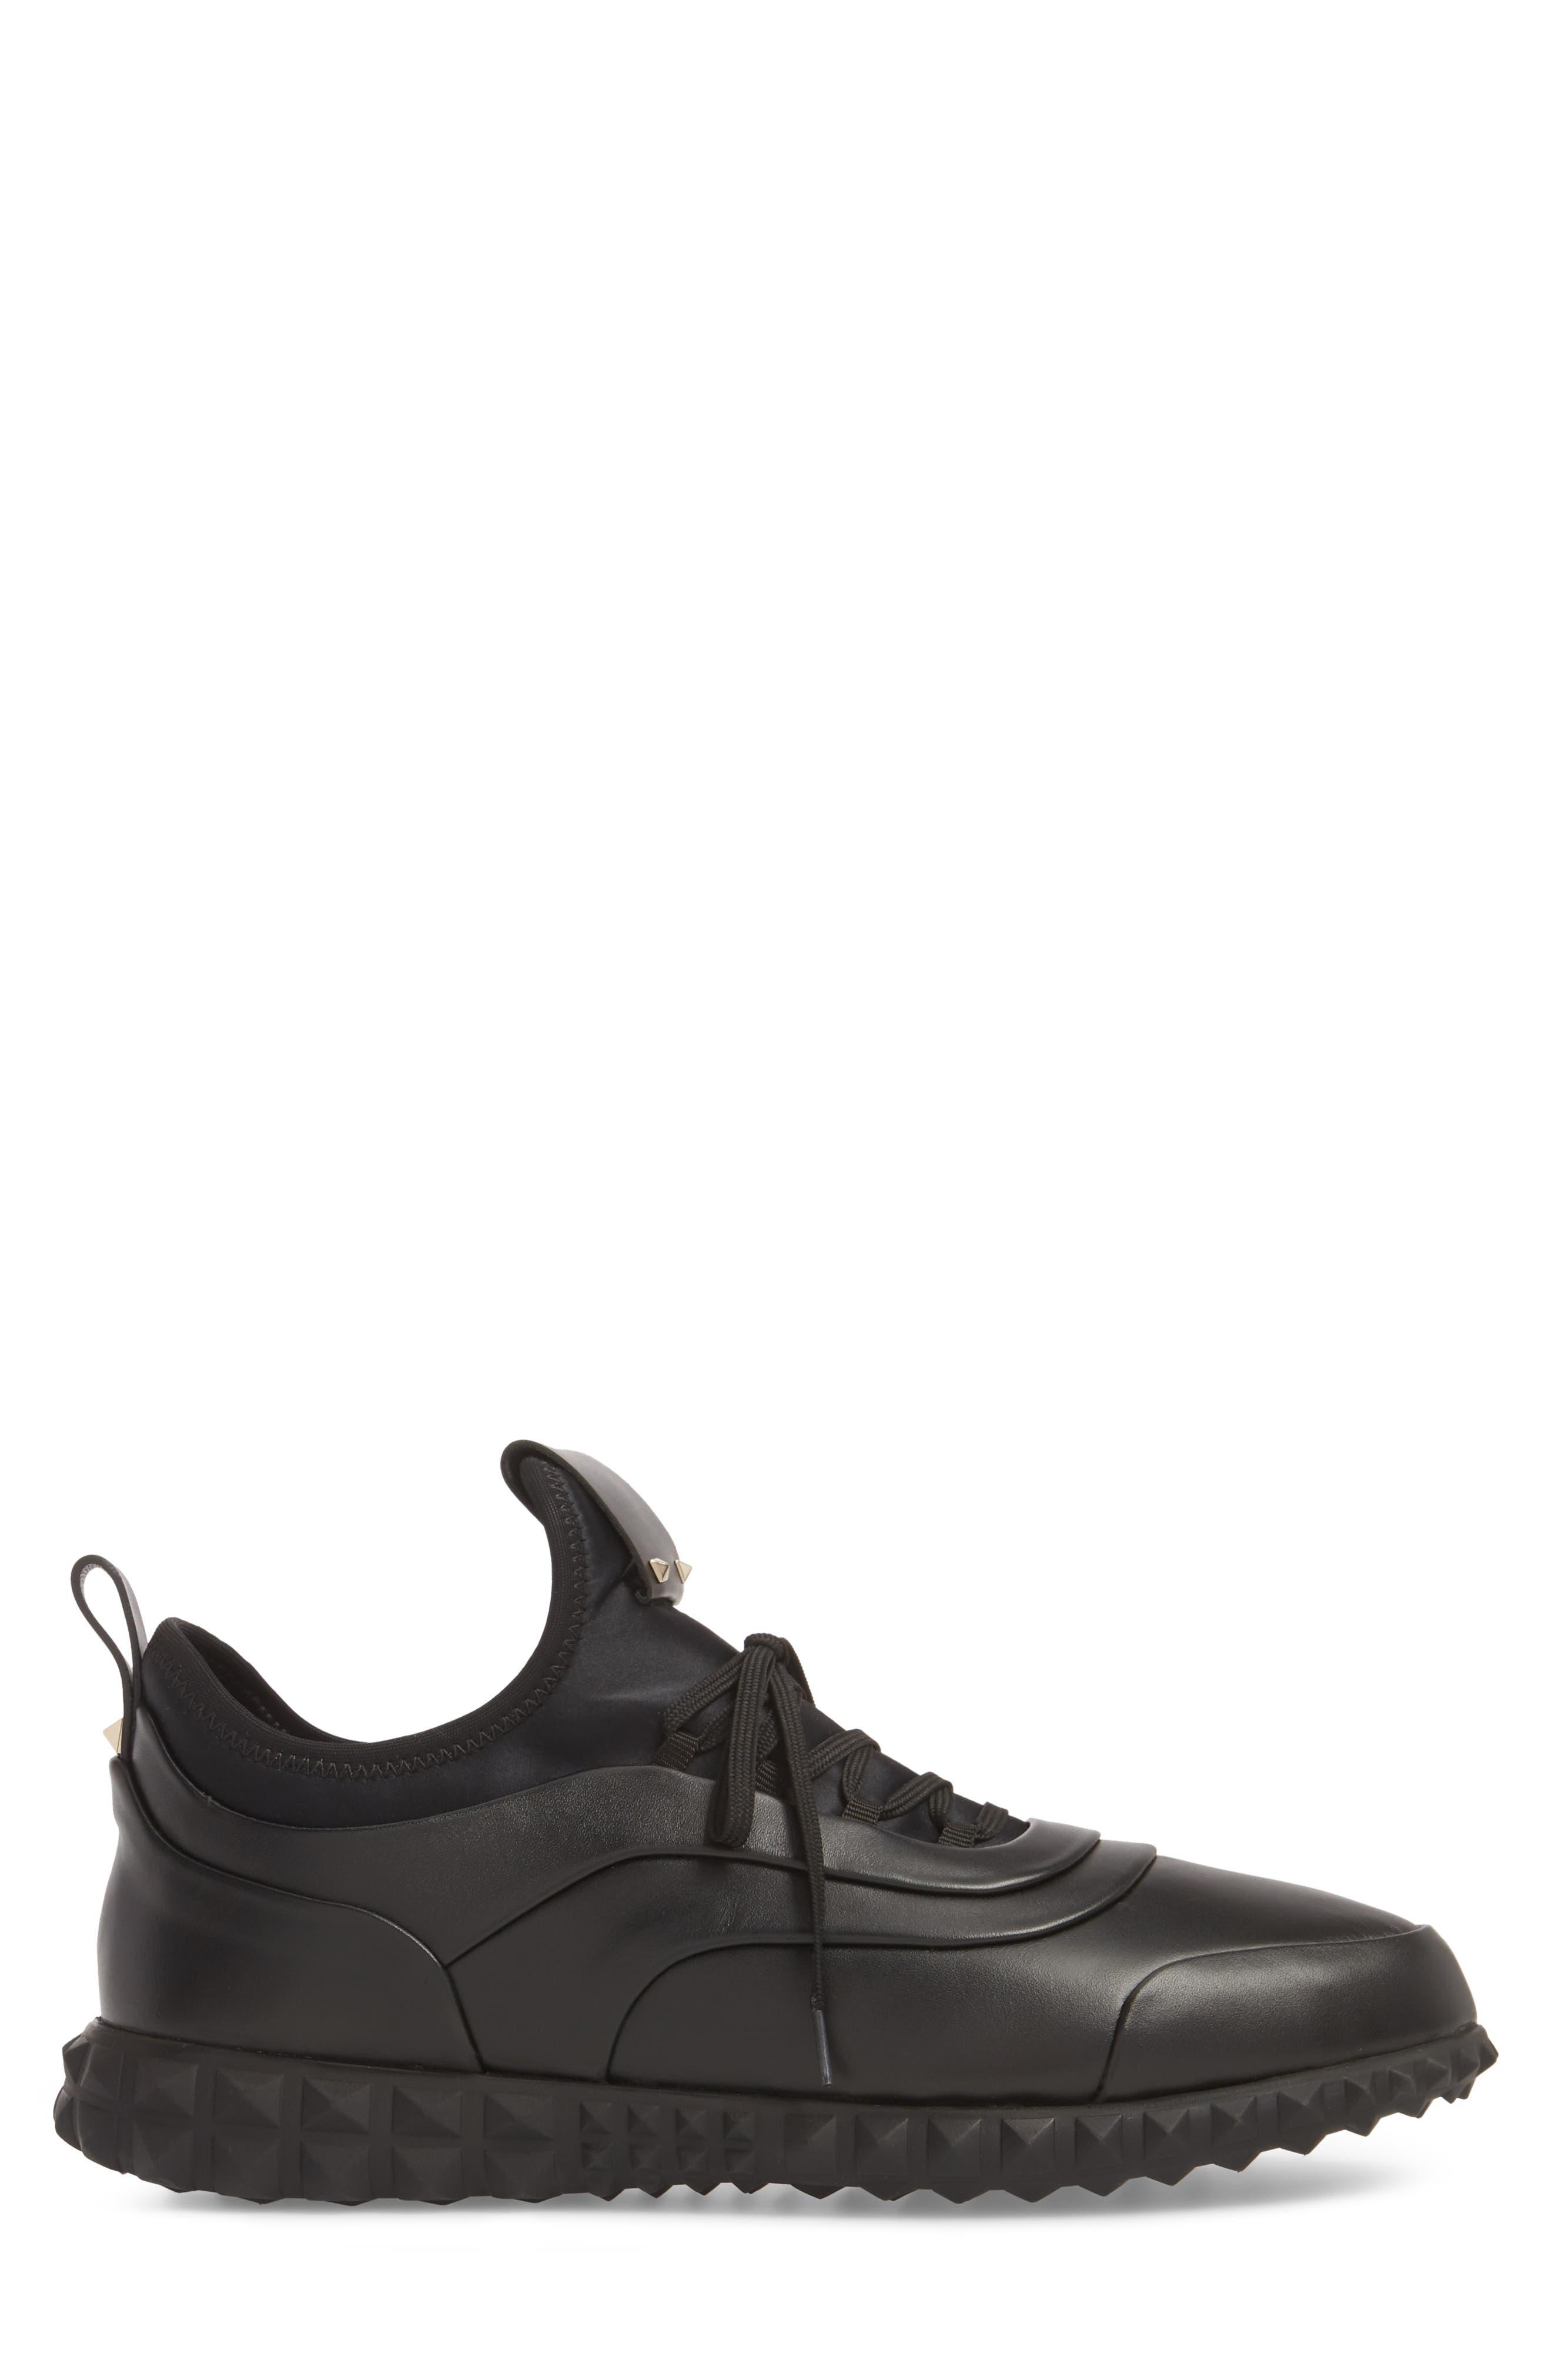 Bodytech Sneaker,                             Alternate thumbnail 3, color,                             BLACK/ BLACK